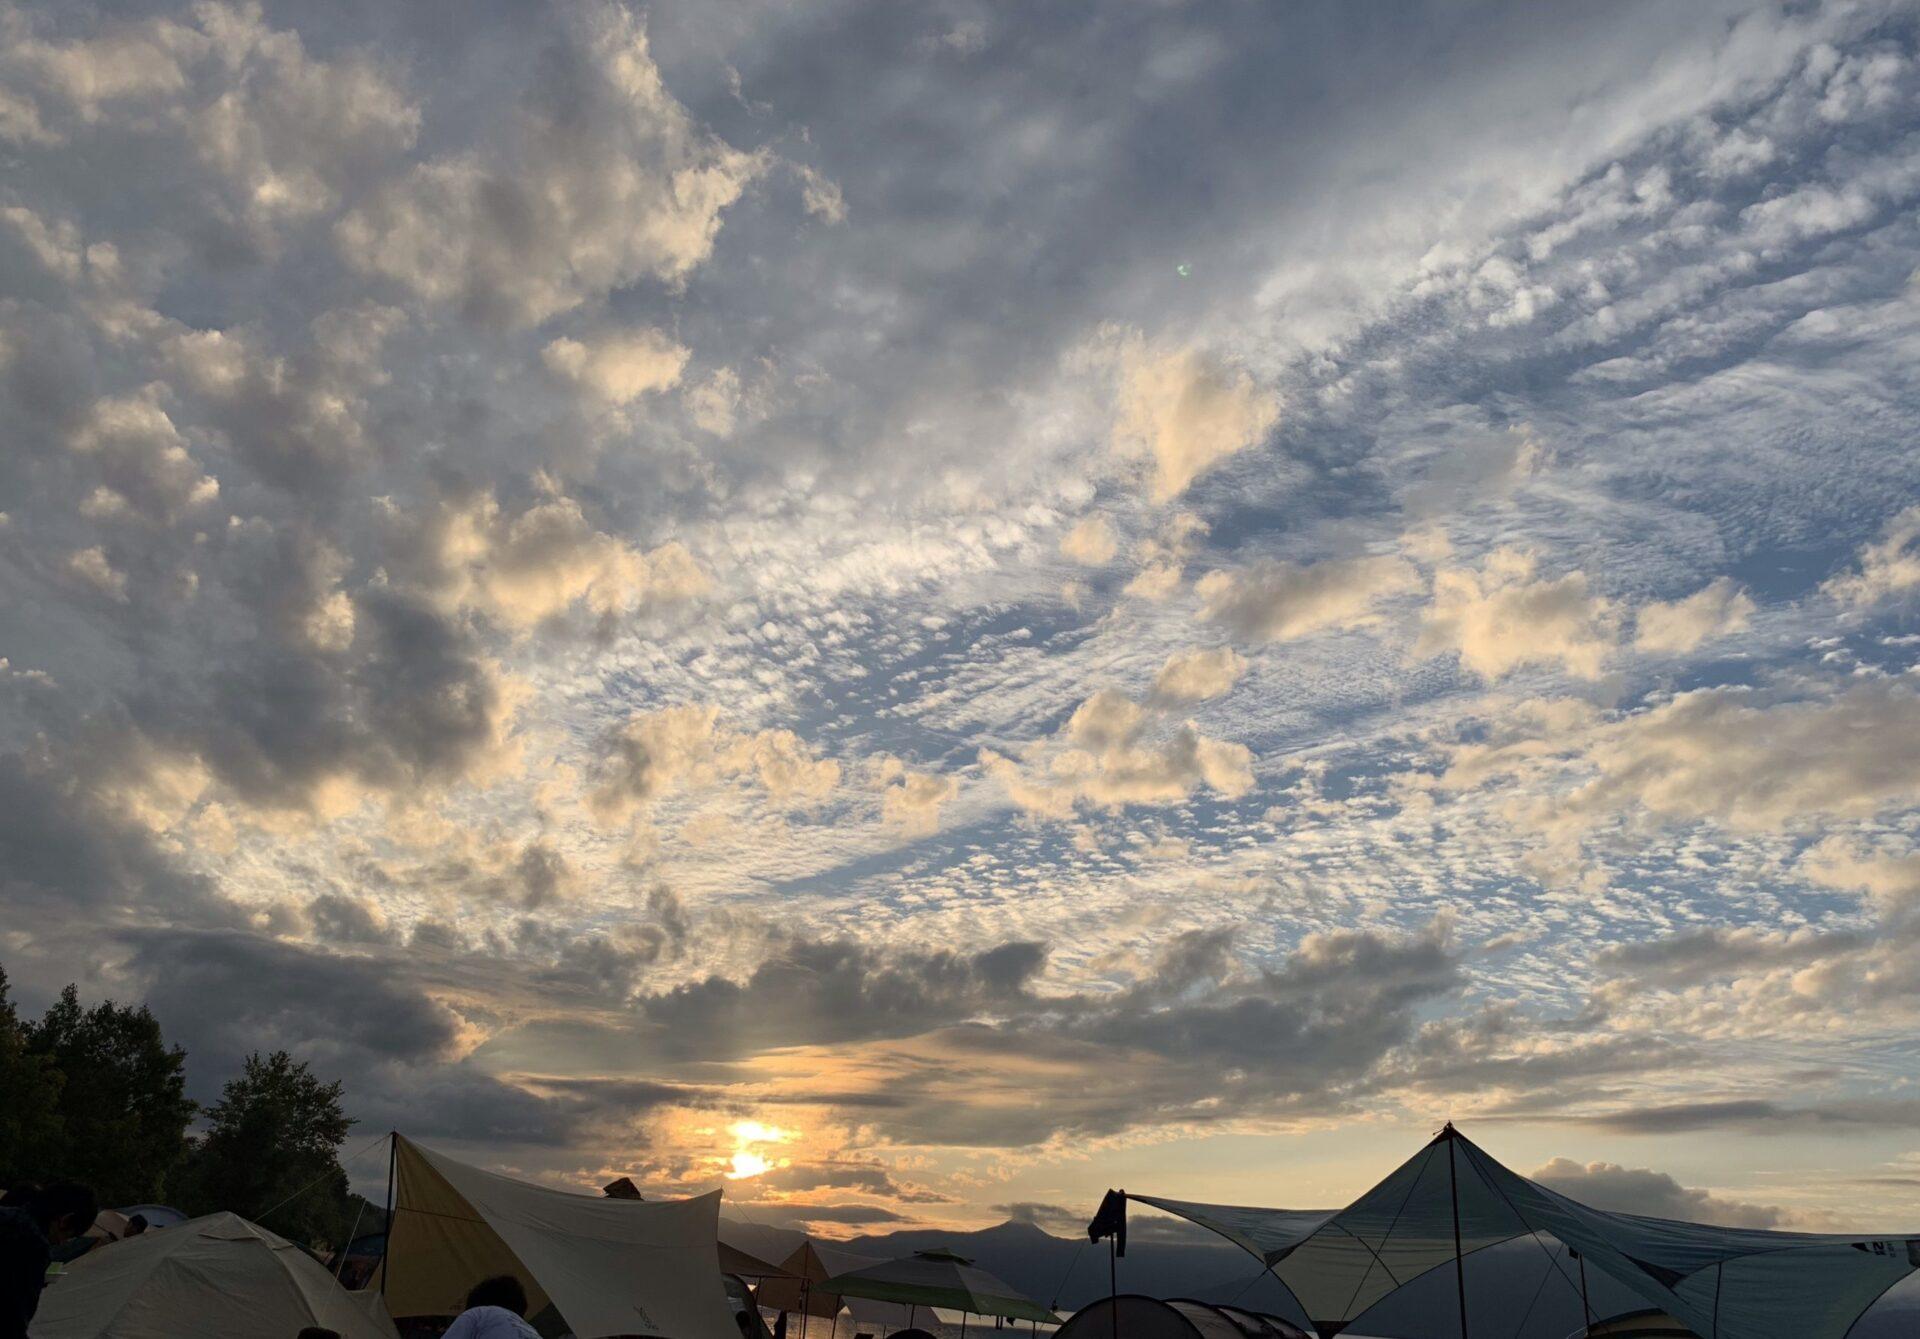 北海道支笏湖モラップキャンプ場はキャンプシーズン中は混雑